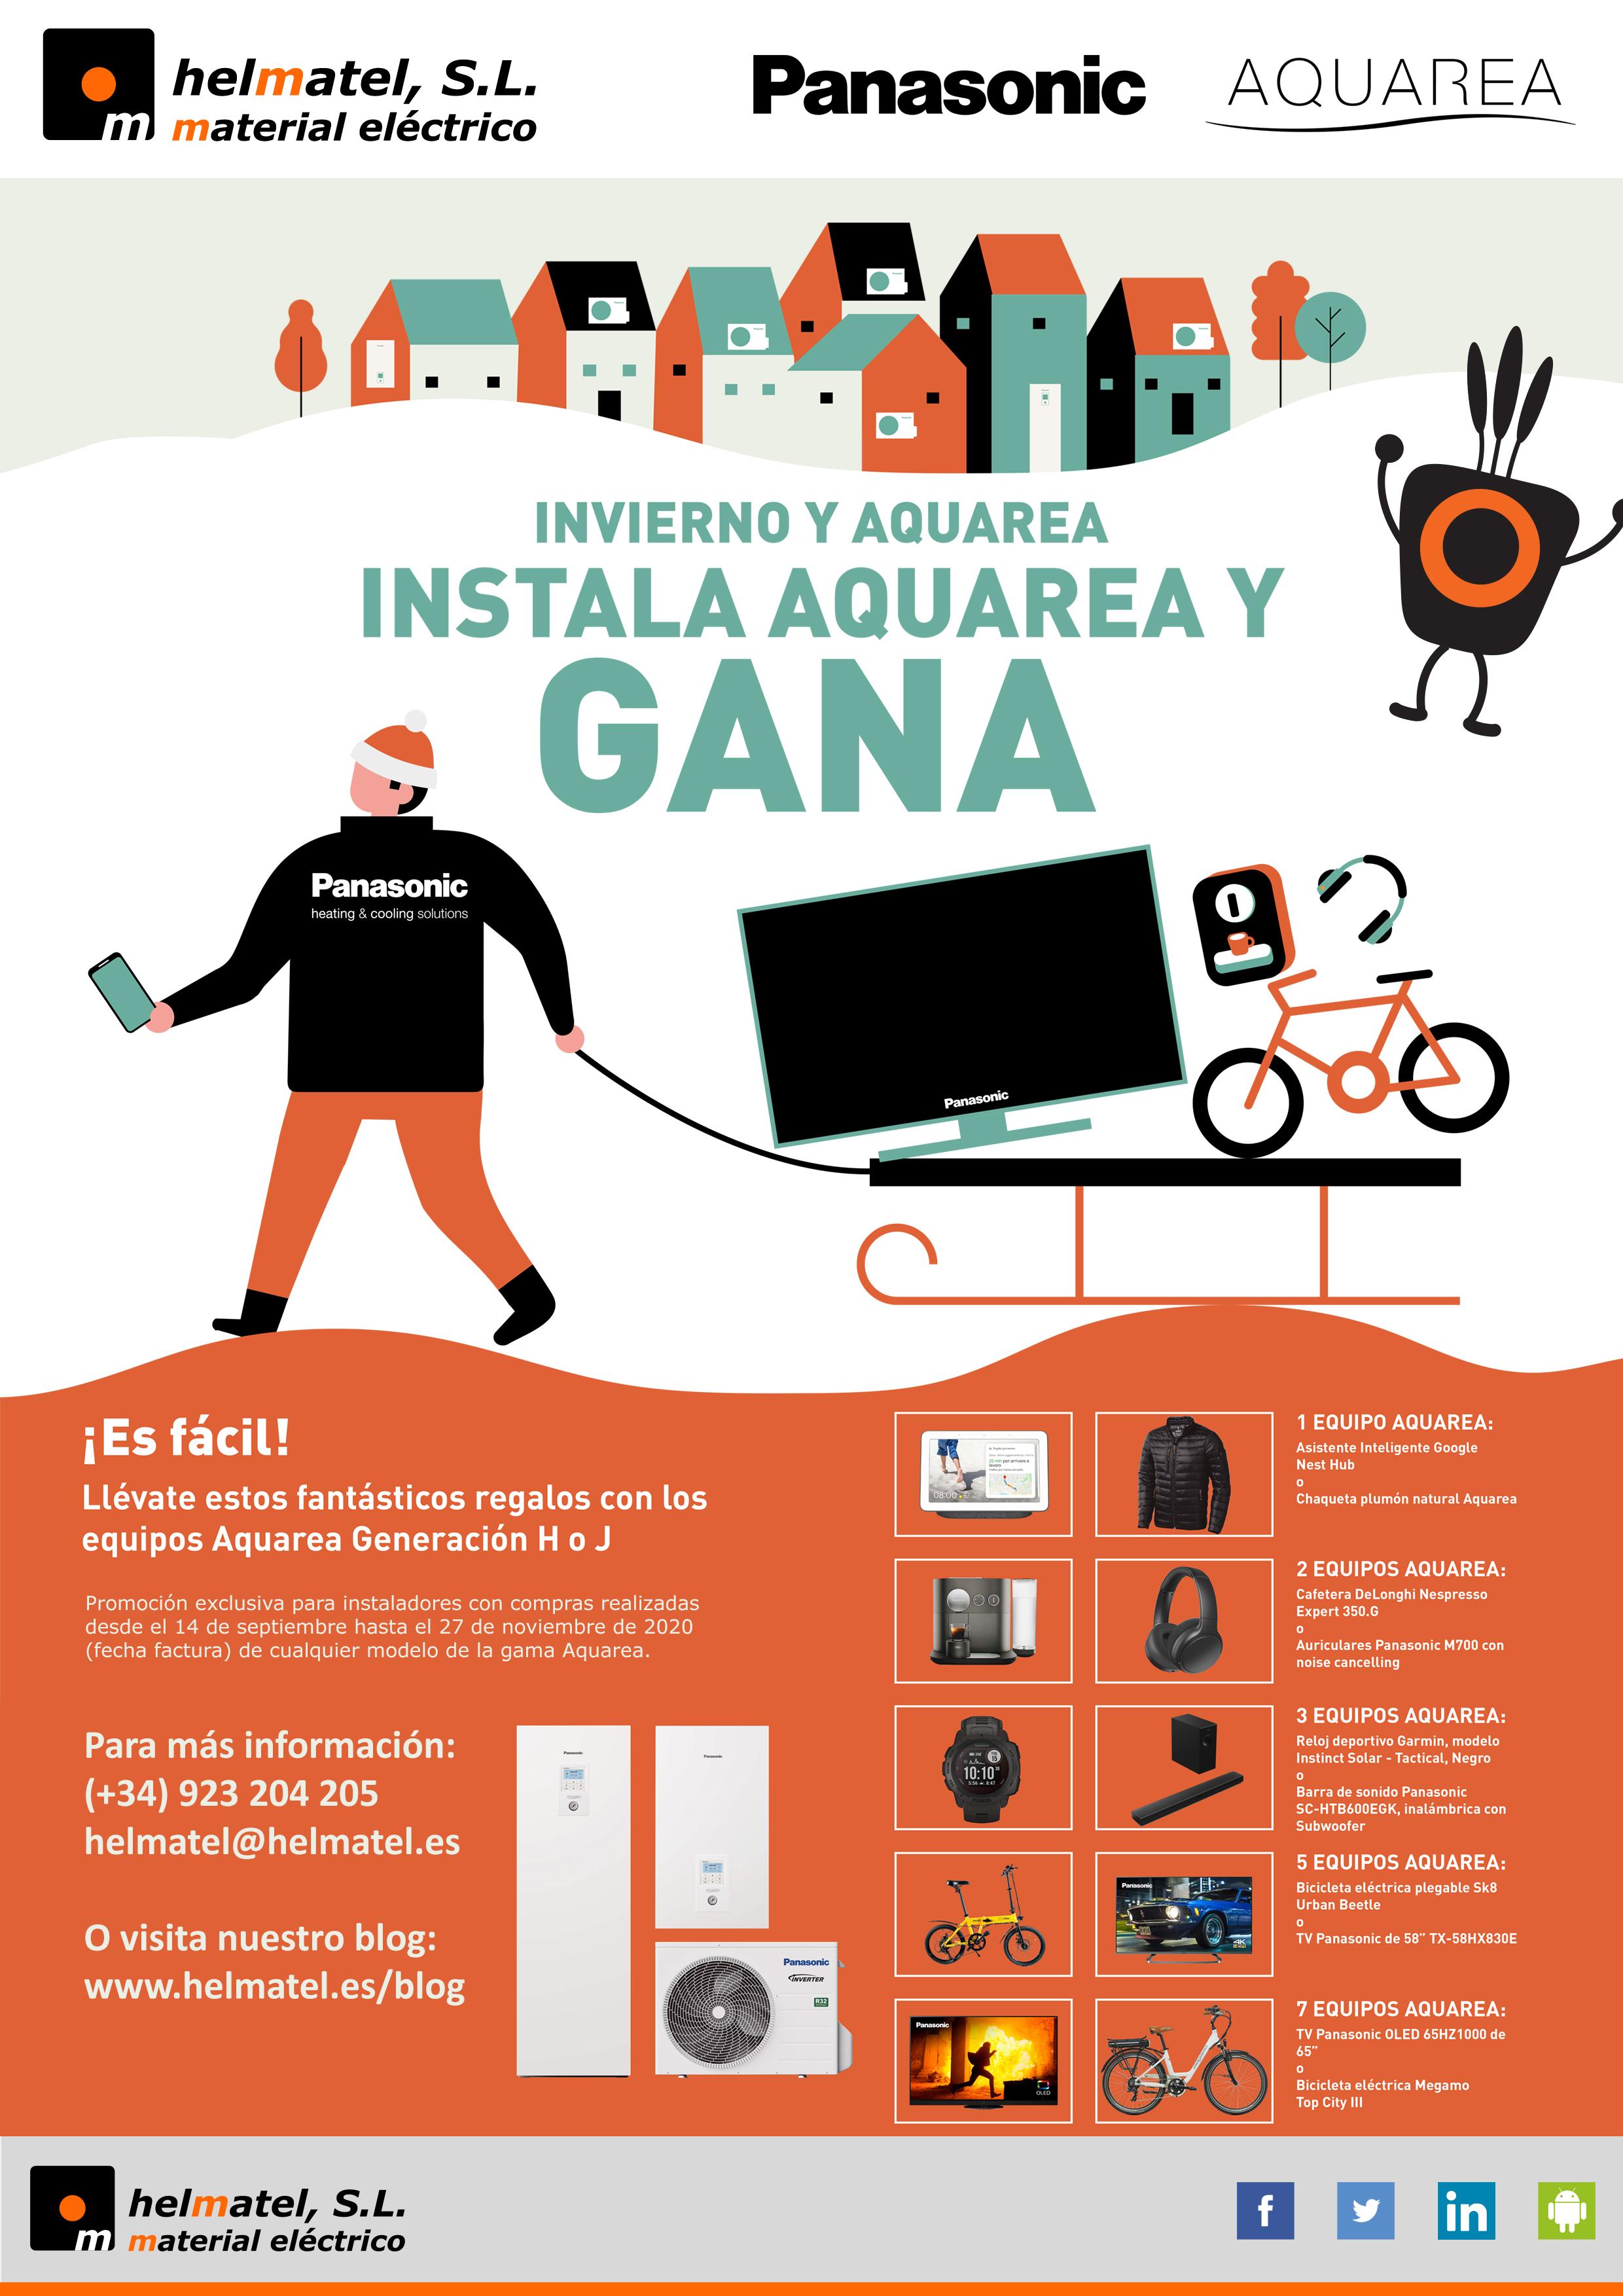 Nueva promo Invierno y Aquarea 2020 en Helmatel: Instala Aquarea y Gana